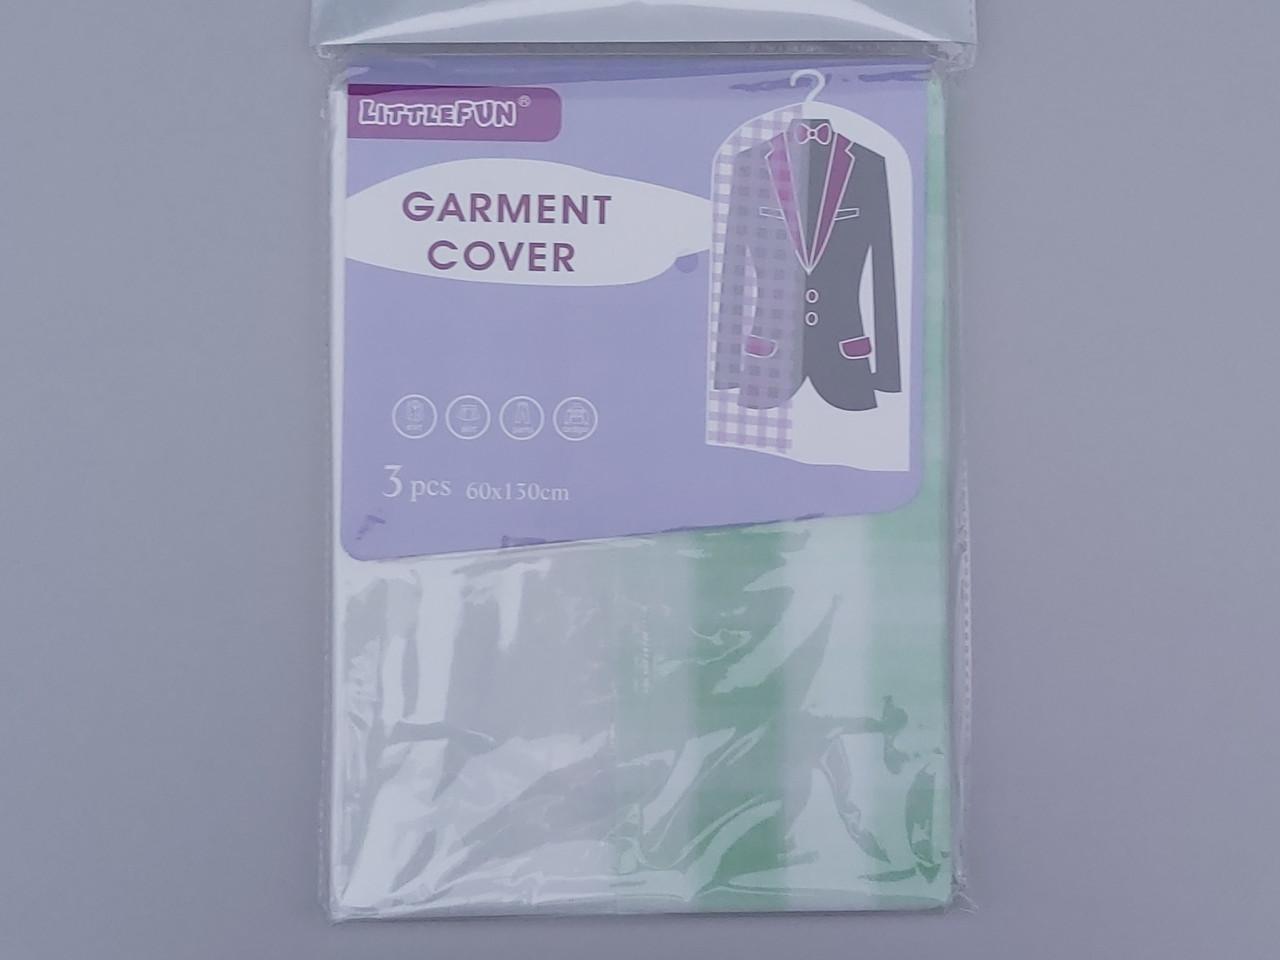 Набор чехлов для хранения одежды флизелиновый. В упаковке 3 штуки, размер 60*130 см.